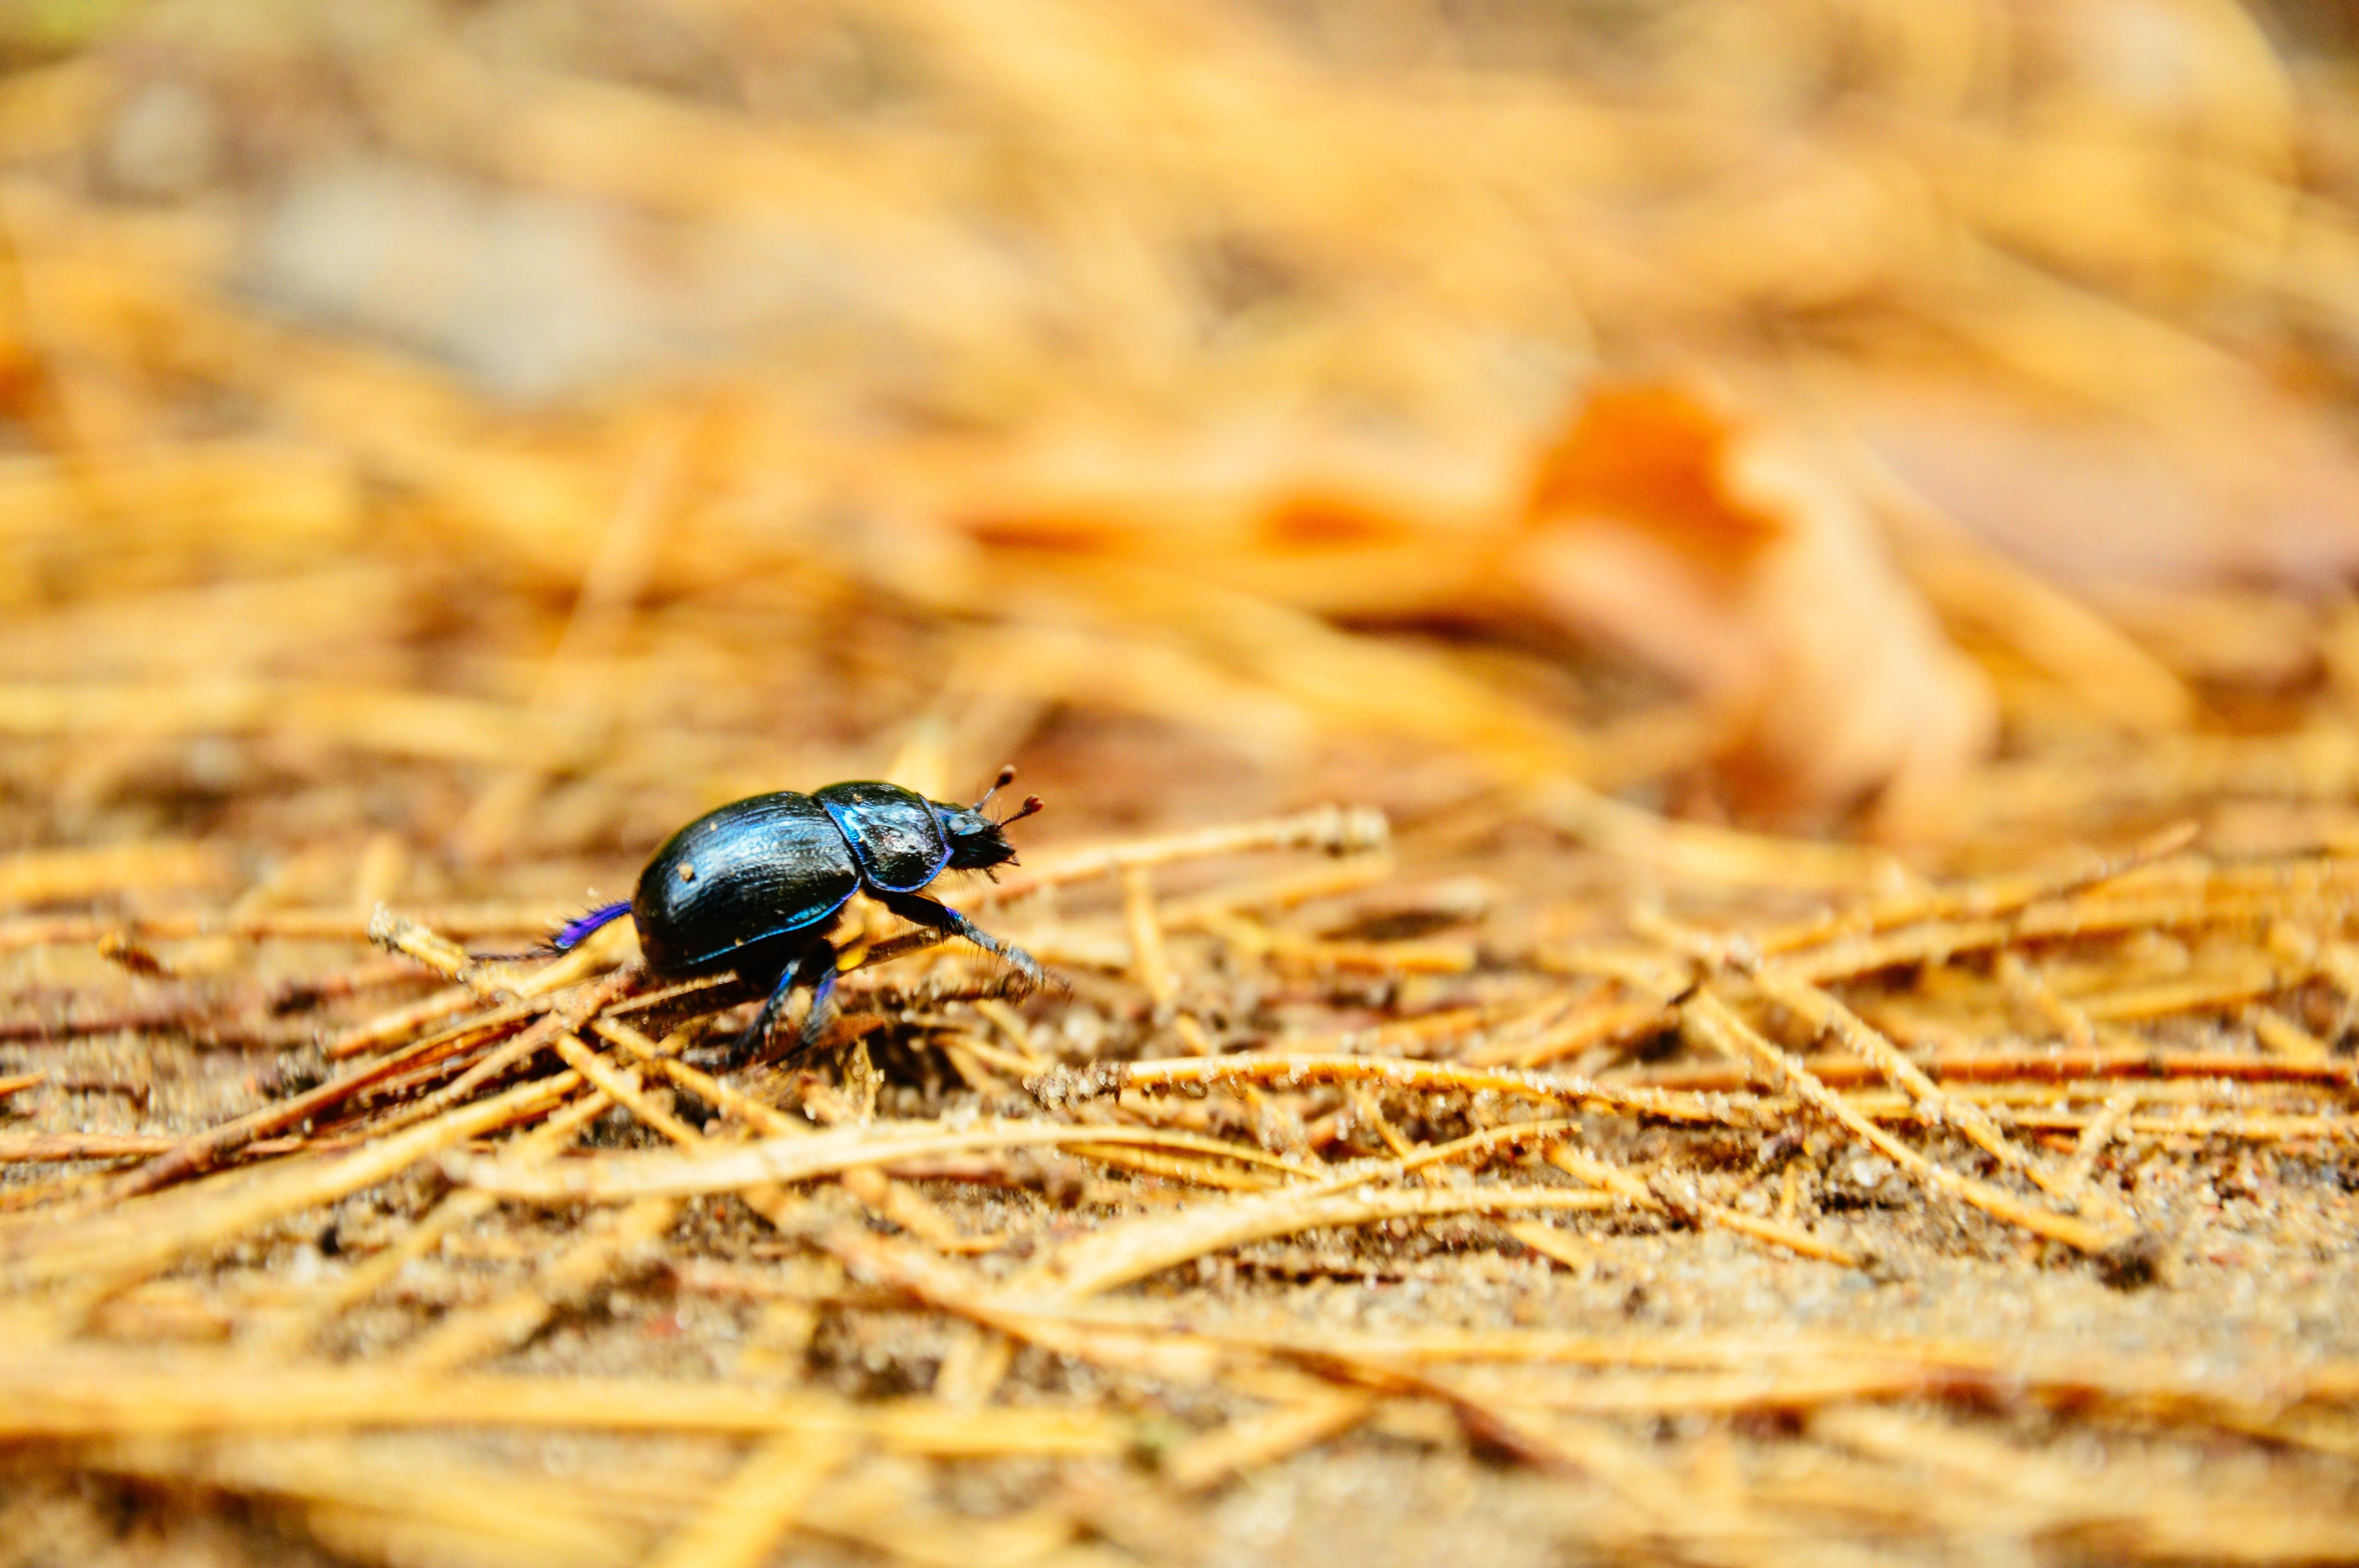 Black Bug Macro Photography